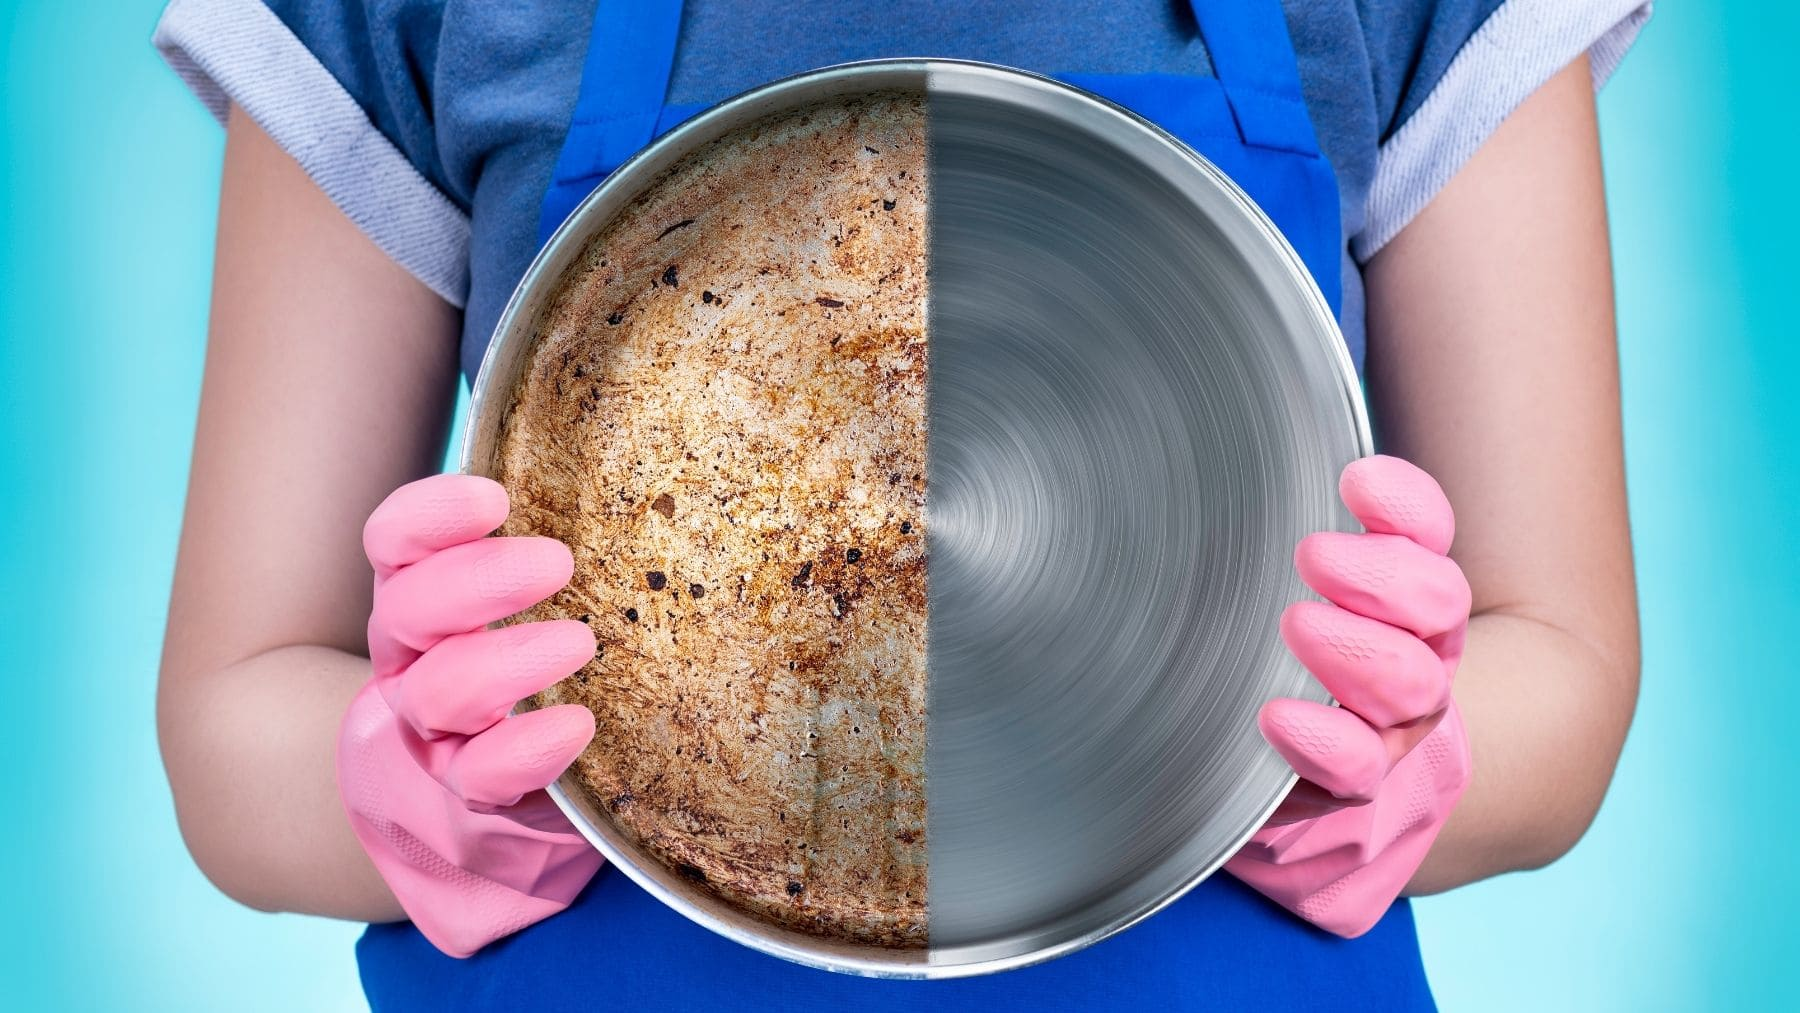 Remedios caseros bicarbonato limpiar sartenes